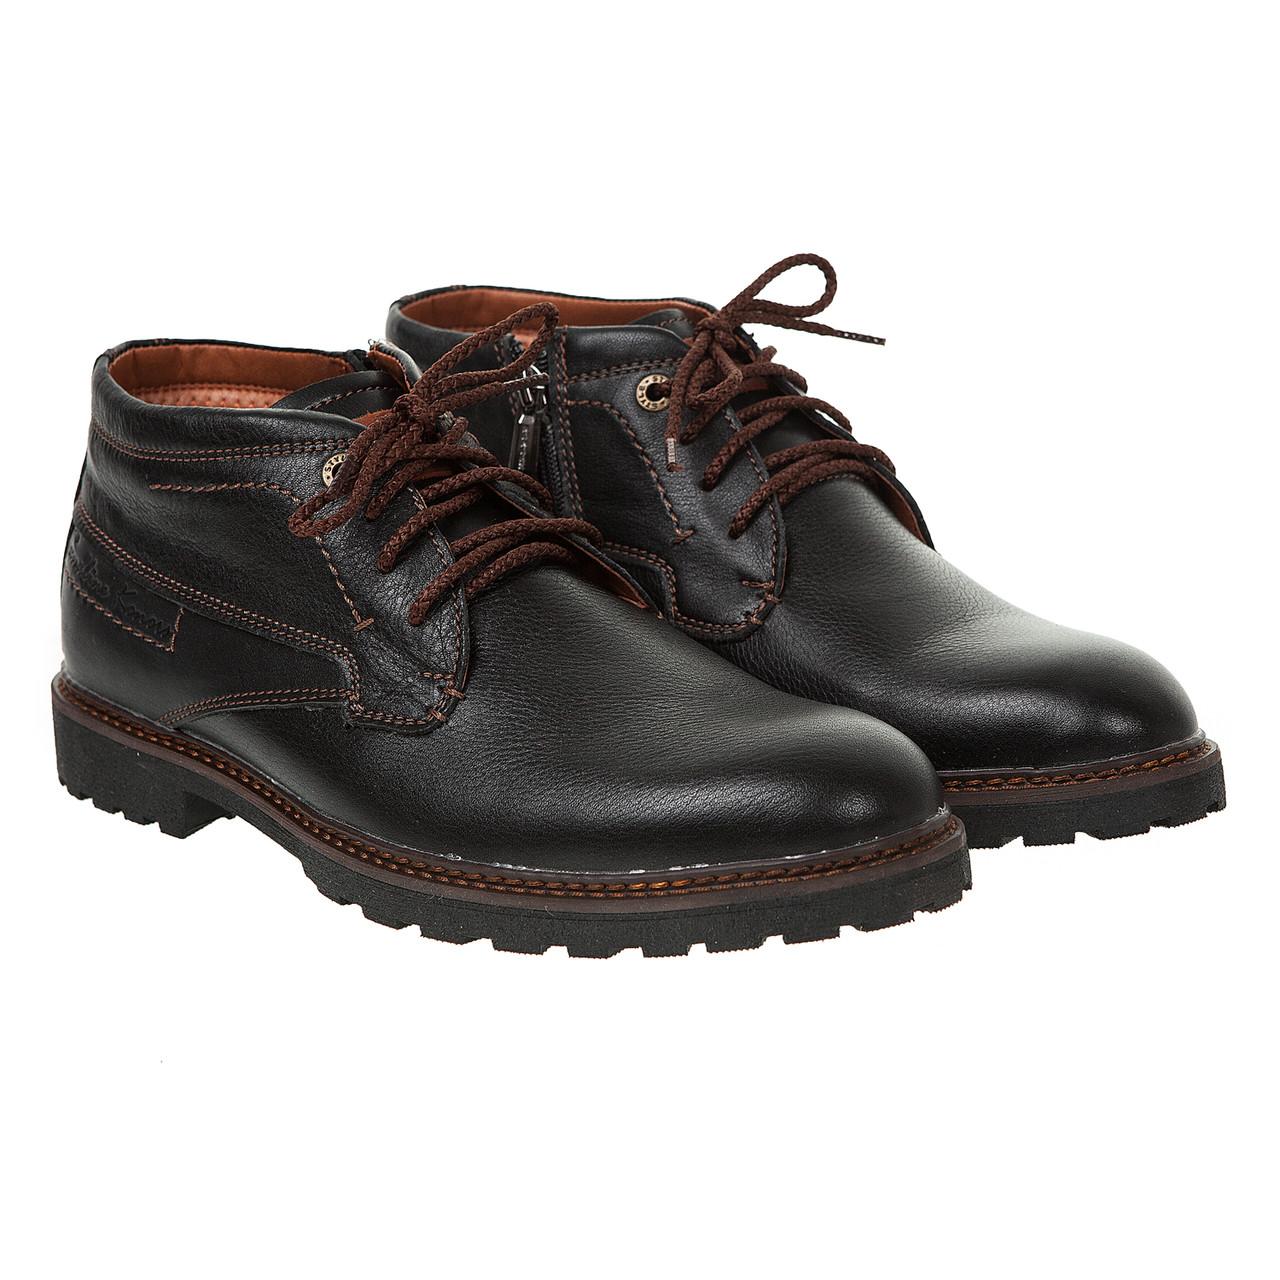 Ботинки мужские Konors(кожаные, черные с коричневыми шнурками) - Marigo -  обувь женская a88e1dddfbb